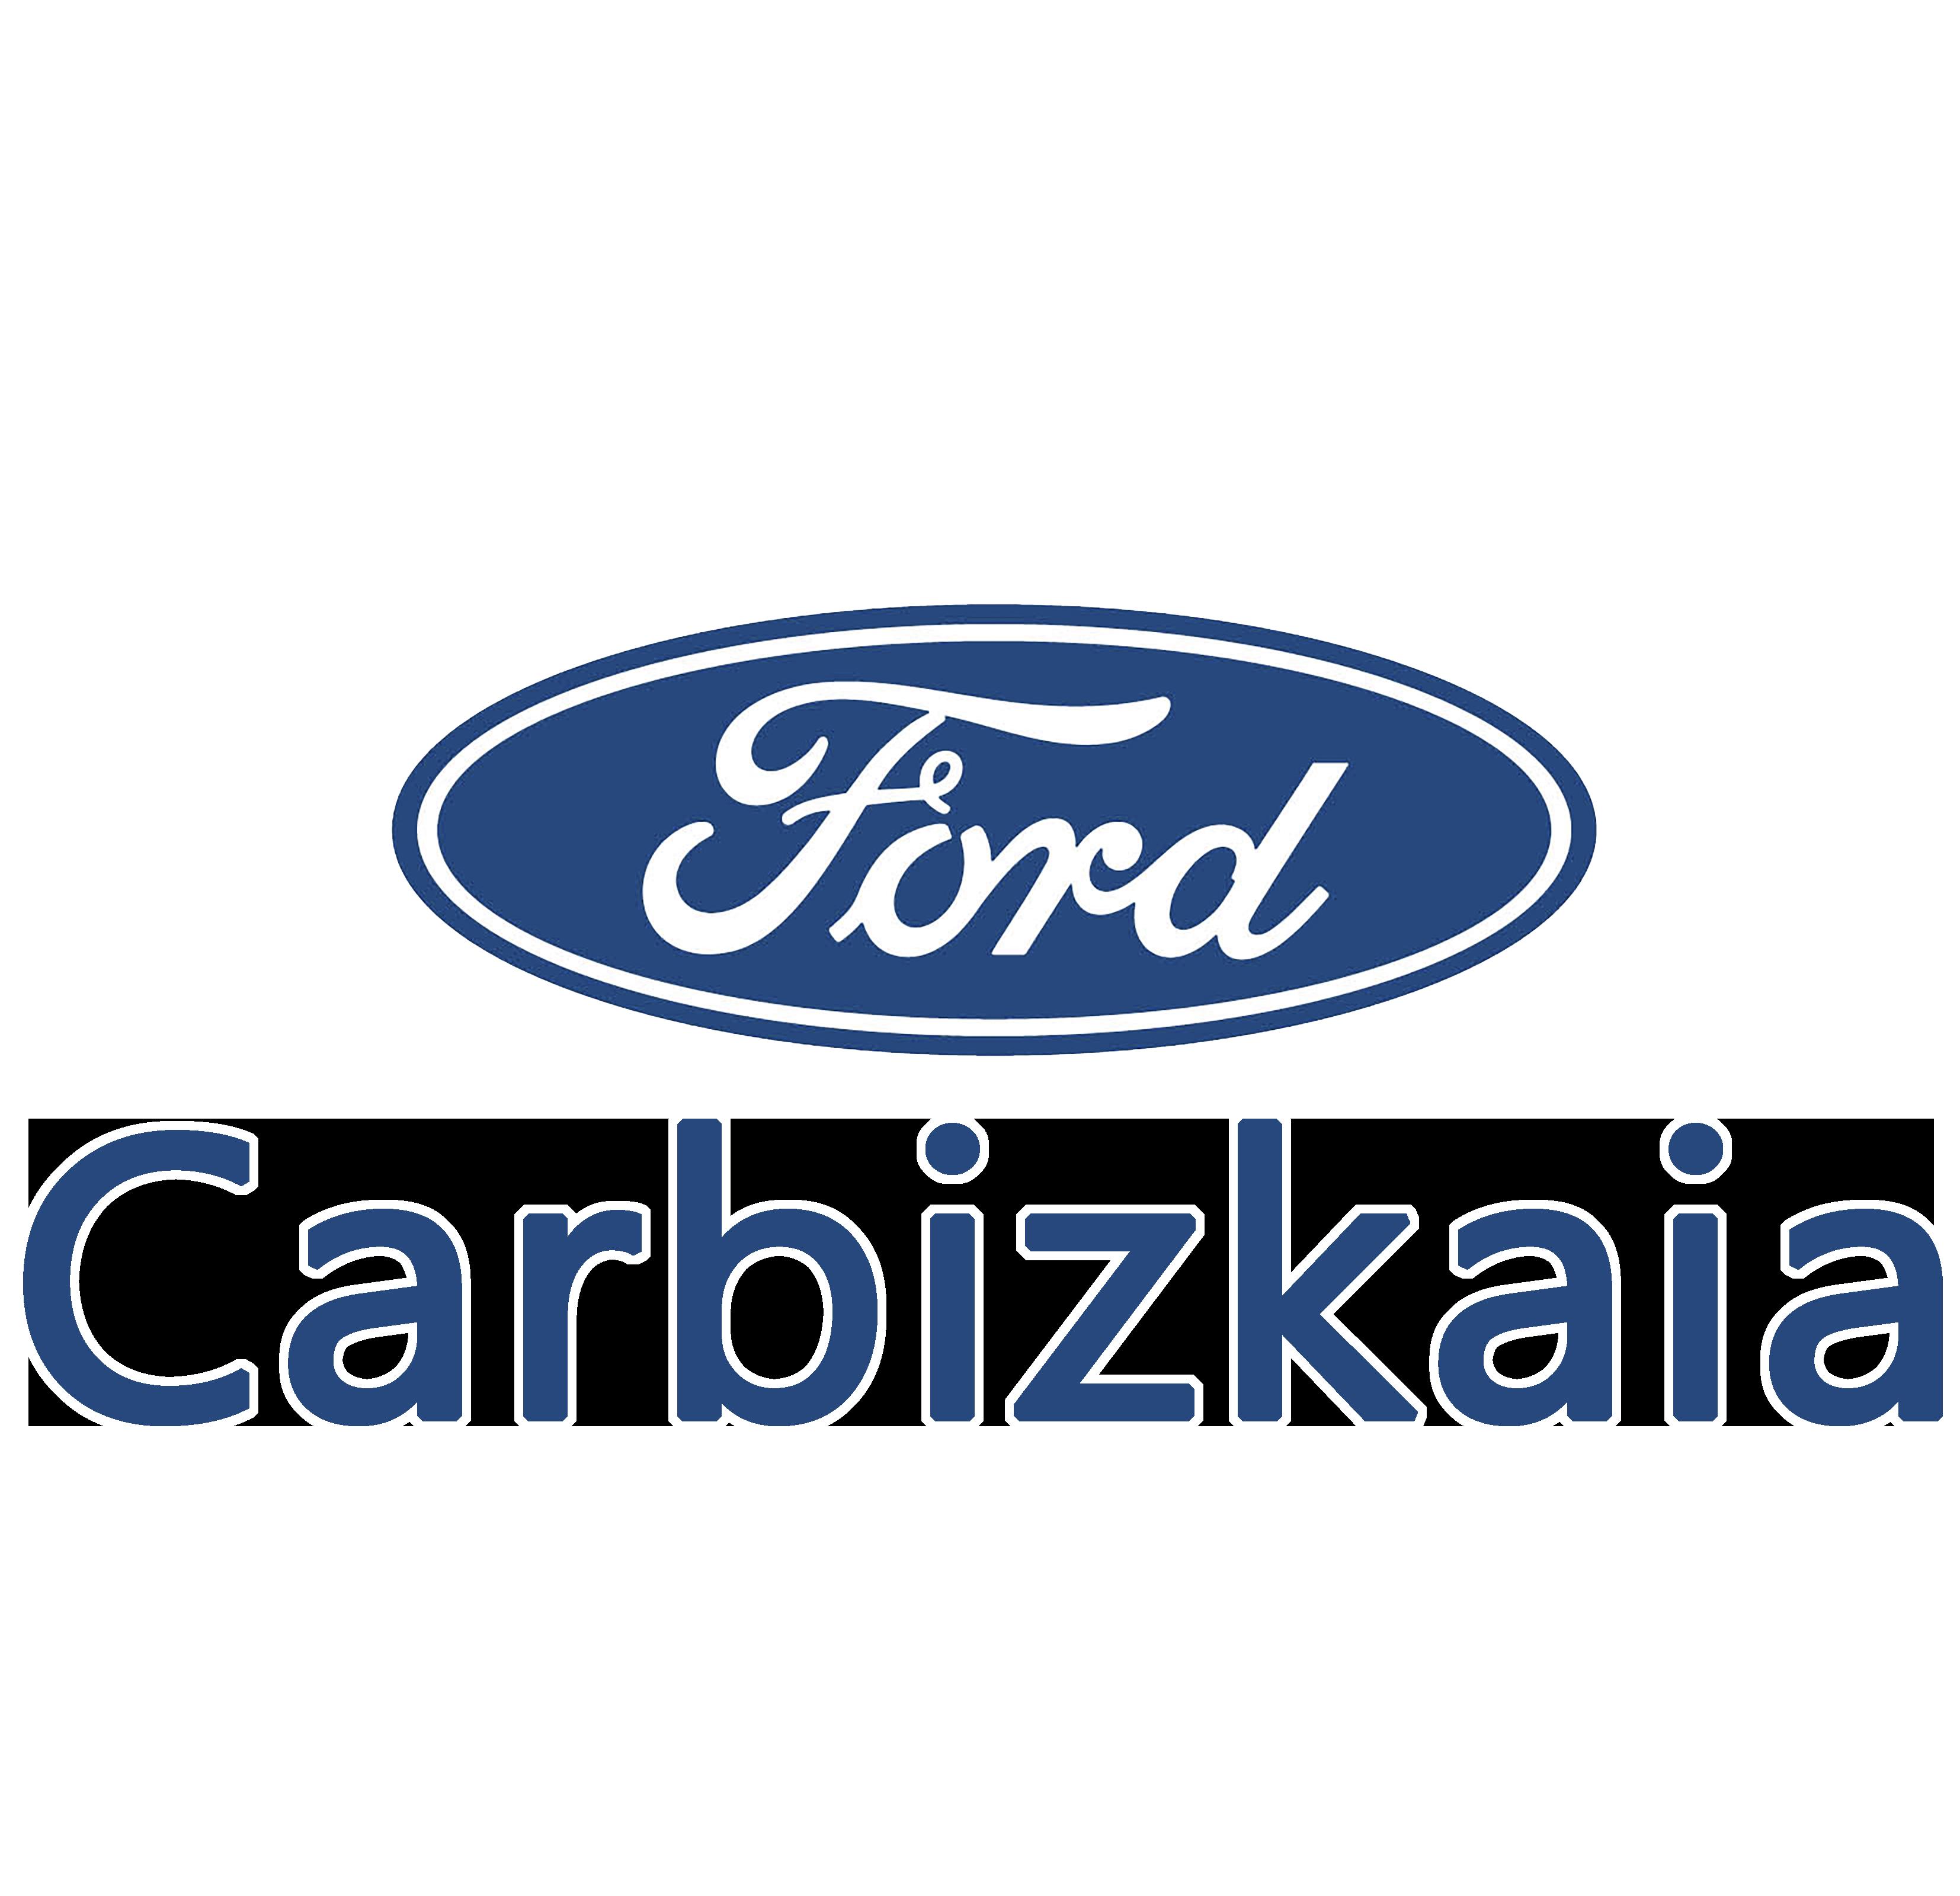 Carbizkaia